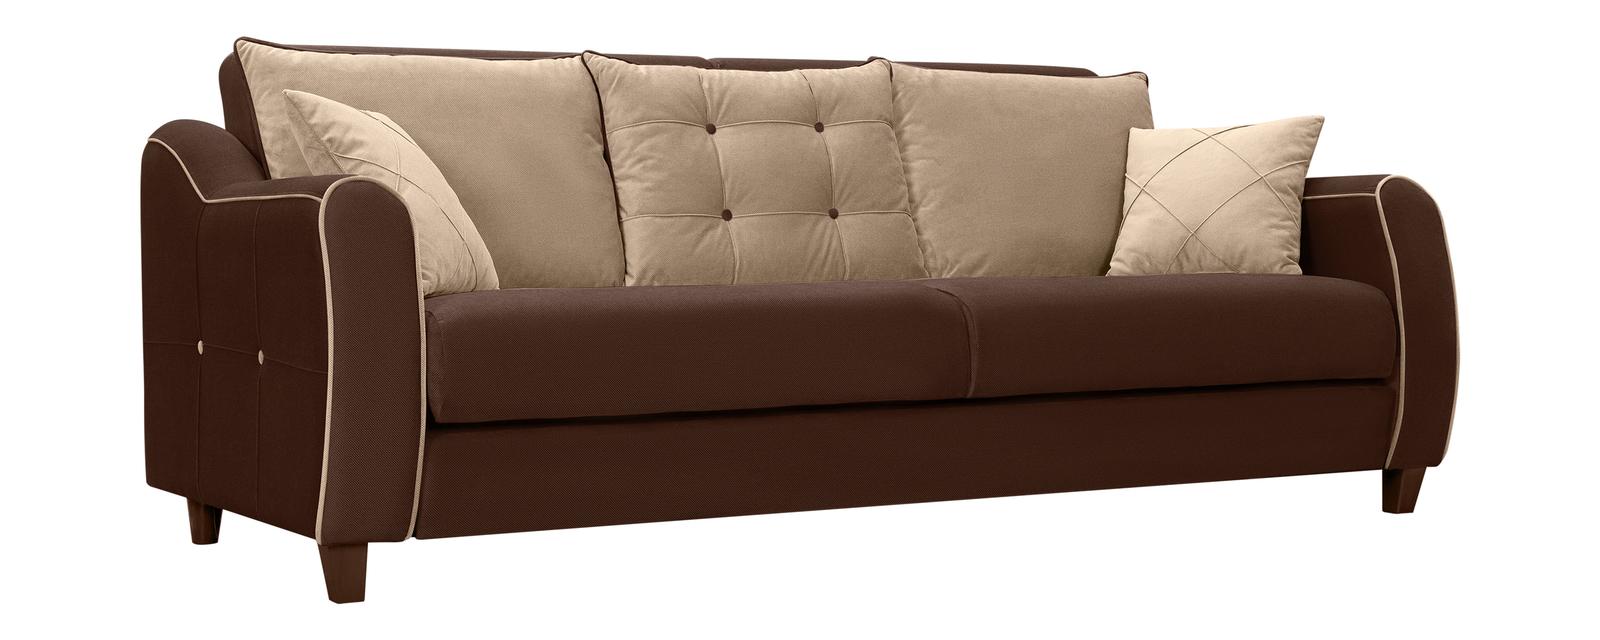 Диван тканевый прямой Френсис Elegance коричневый/бежевый (Ткань)